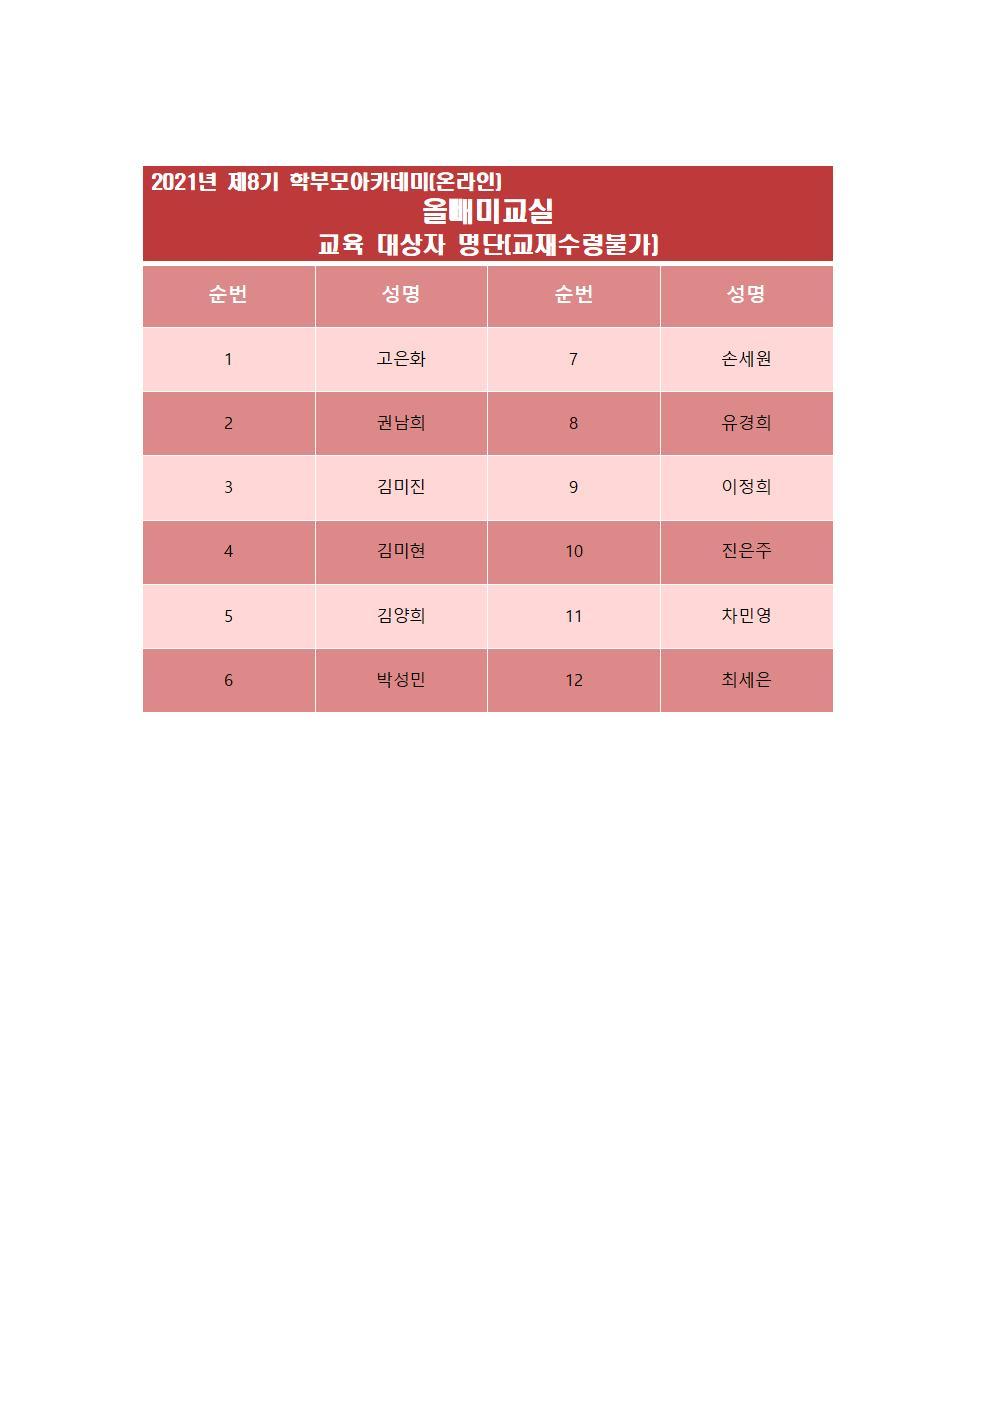 제8기 학부모아카데미 교육생 명단(홈피)011.jpg